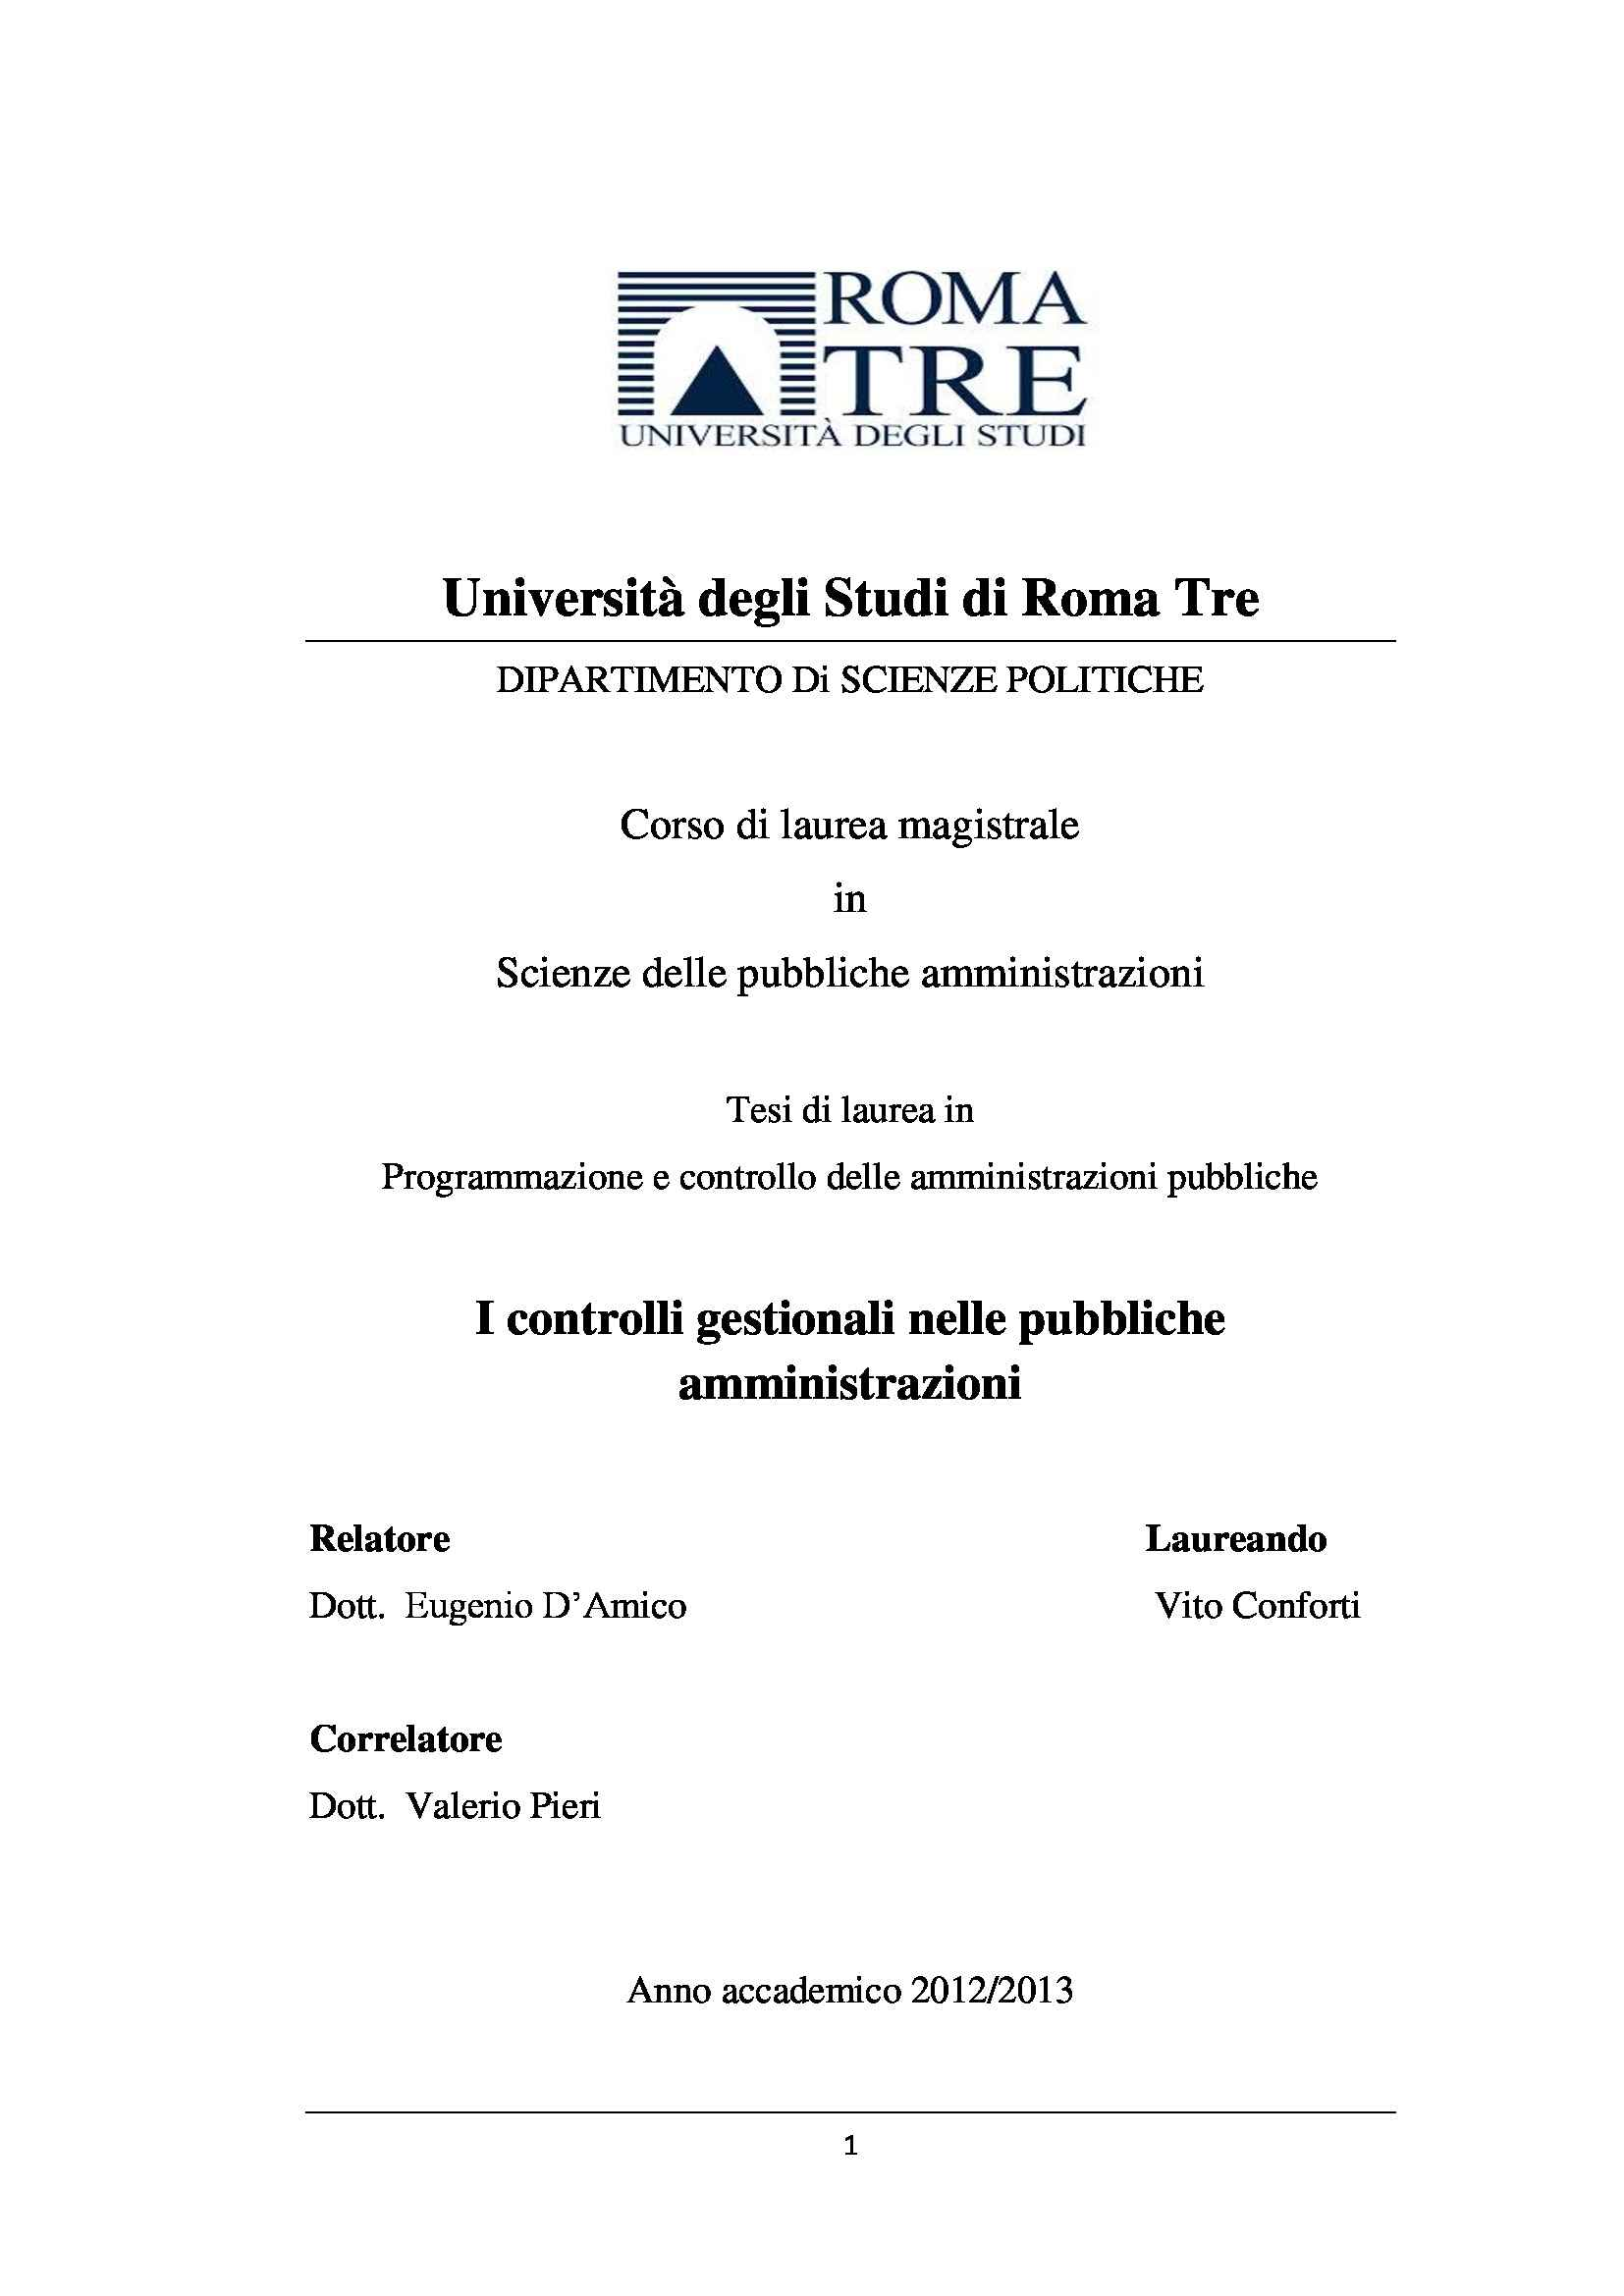 tesi E. D'Amico Programmazione e controllo delle pubbliche amministrazioni